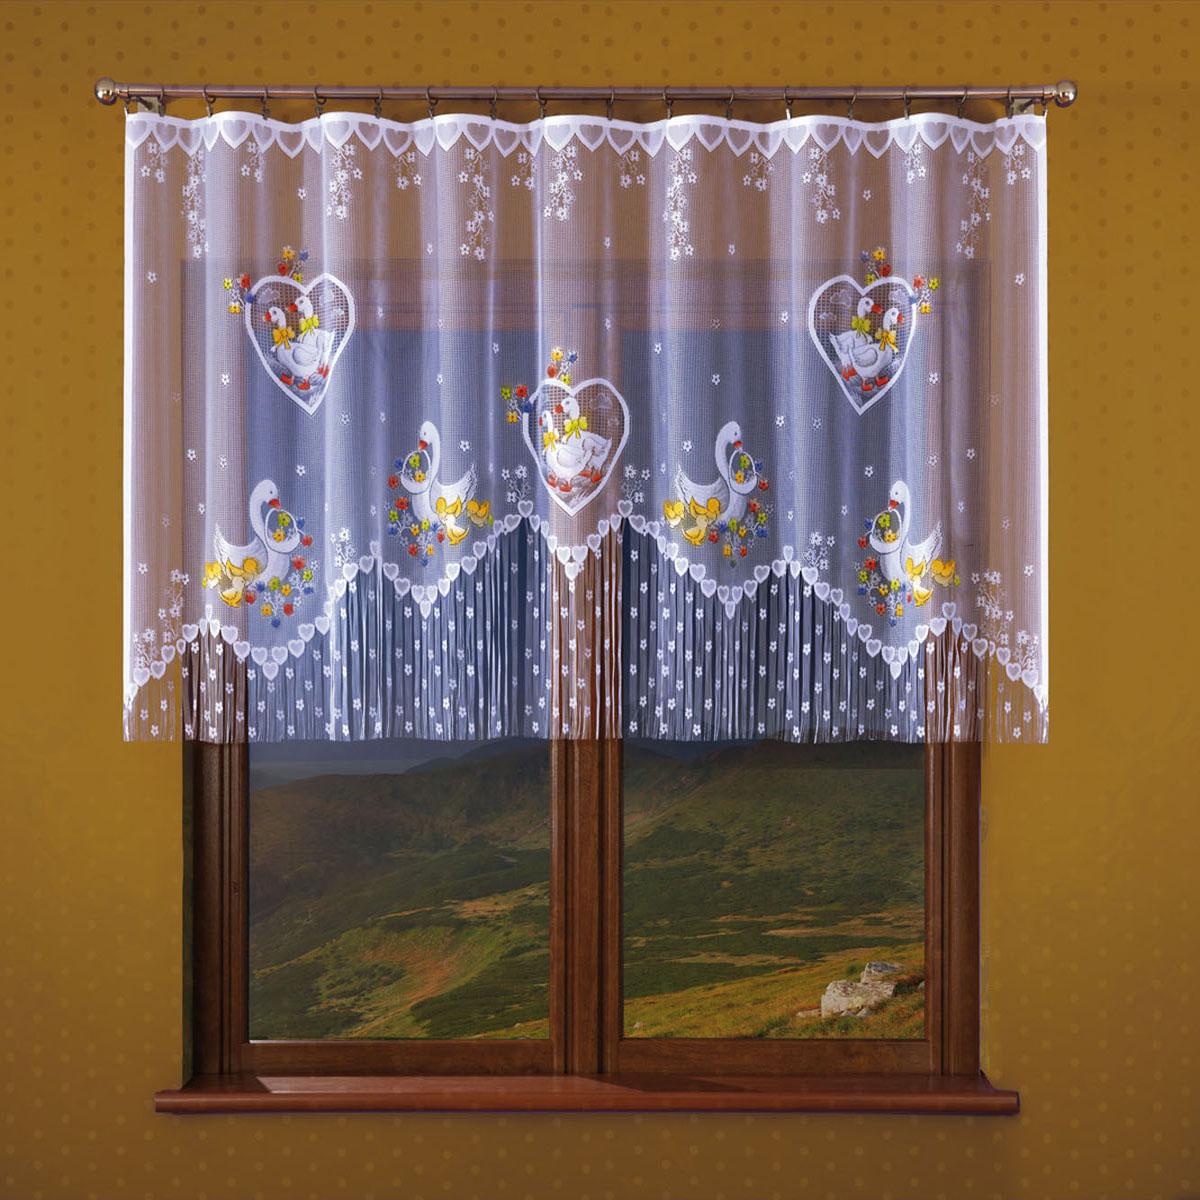 Гардина Wisan, цвет: белый, ширина 250 см, высота 120 см. 179Е46990/250 бордовид крепления - под зажимы для шторРазмеры: ширина 250*высота 120